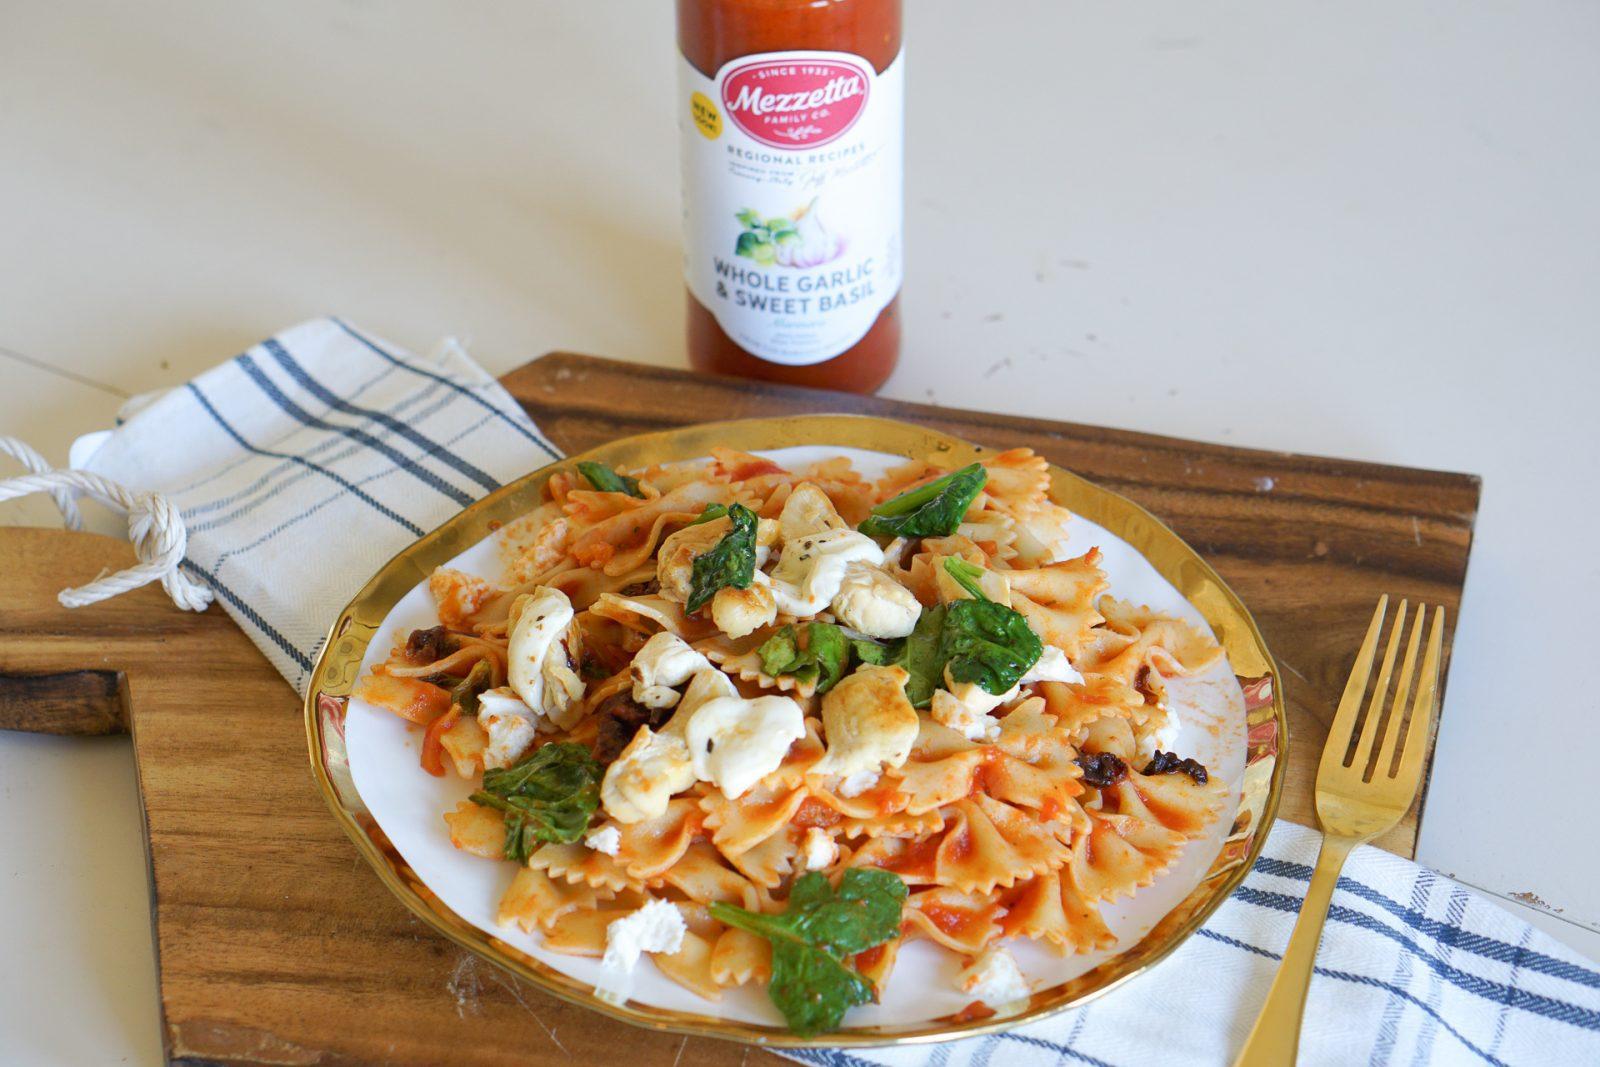 Sun-dried Tomato & Spinach Pasta with Mozzarella Recipe - Pasta Dishes and Dinner Ideas